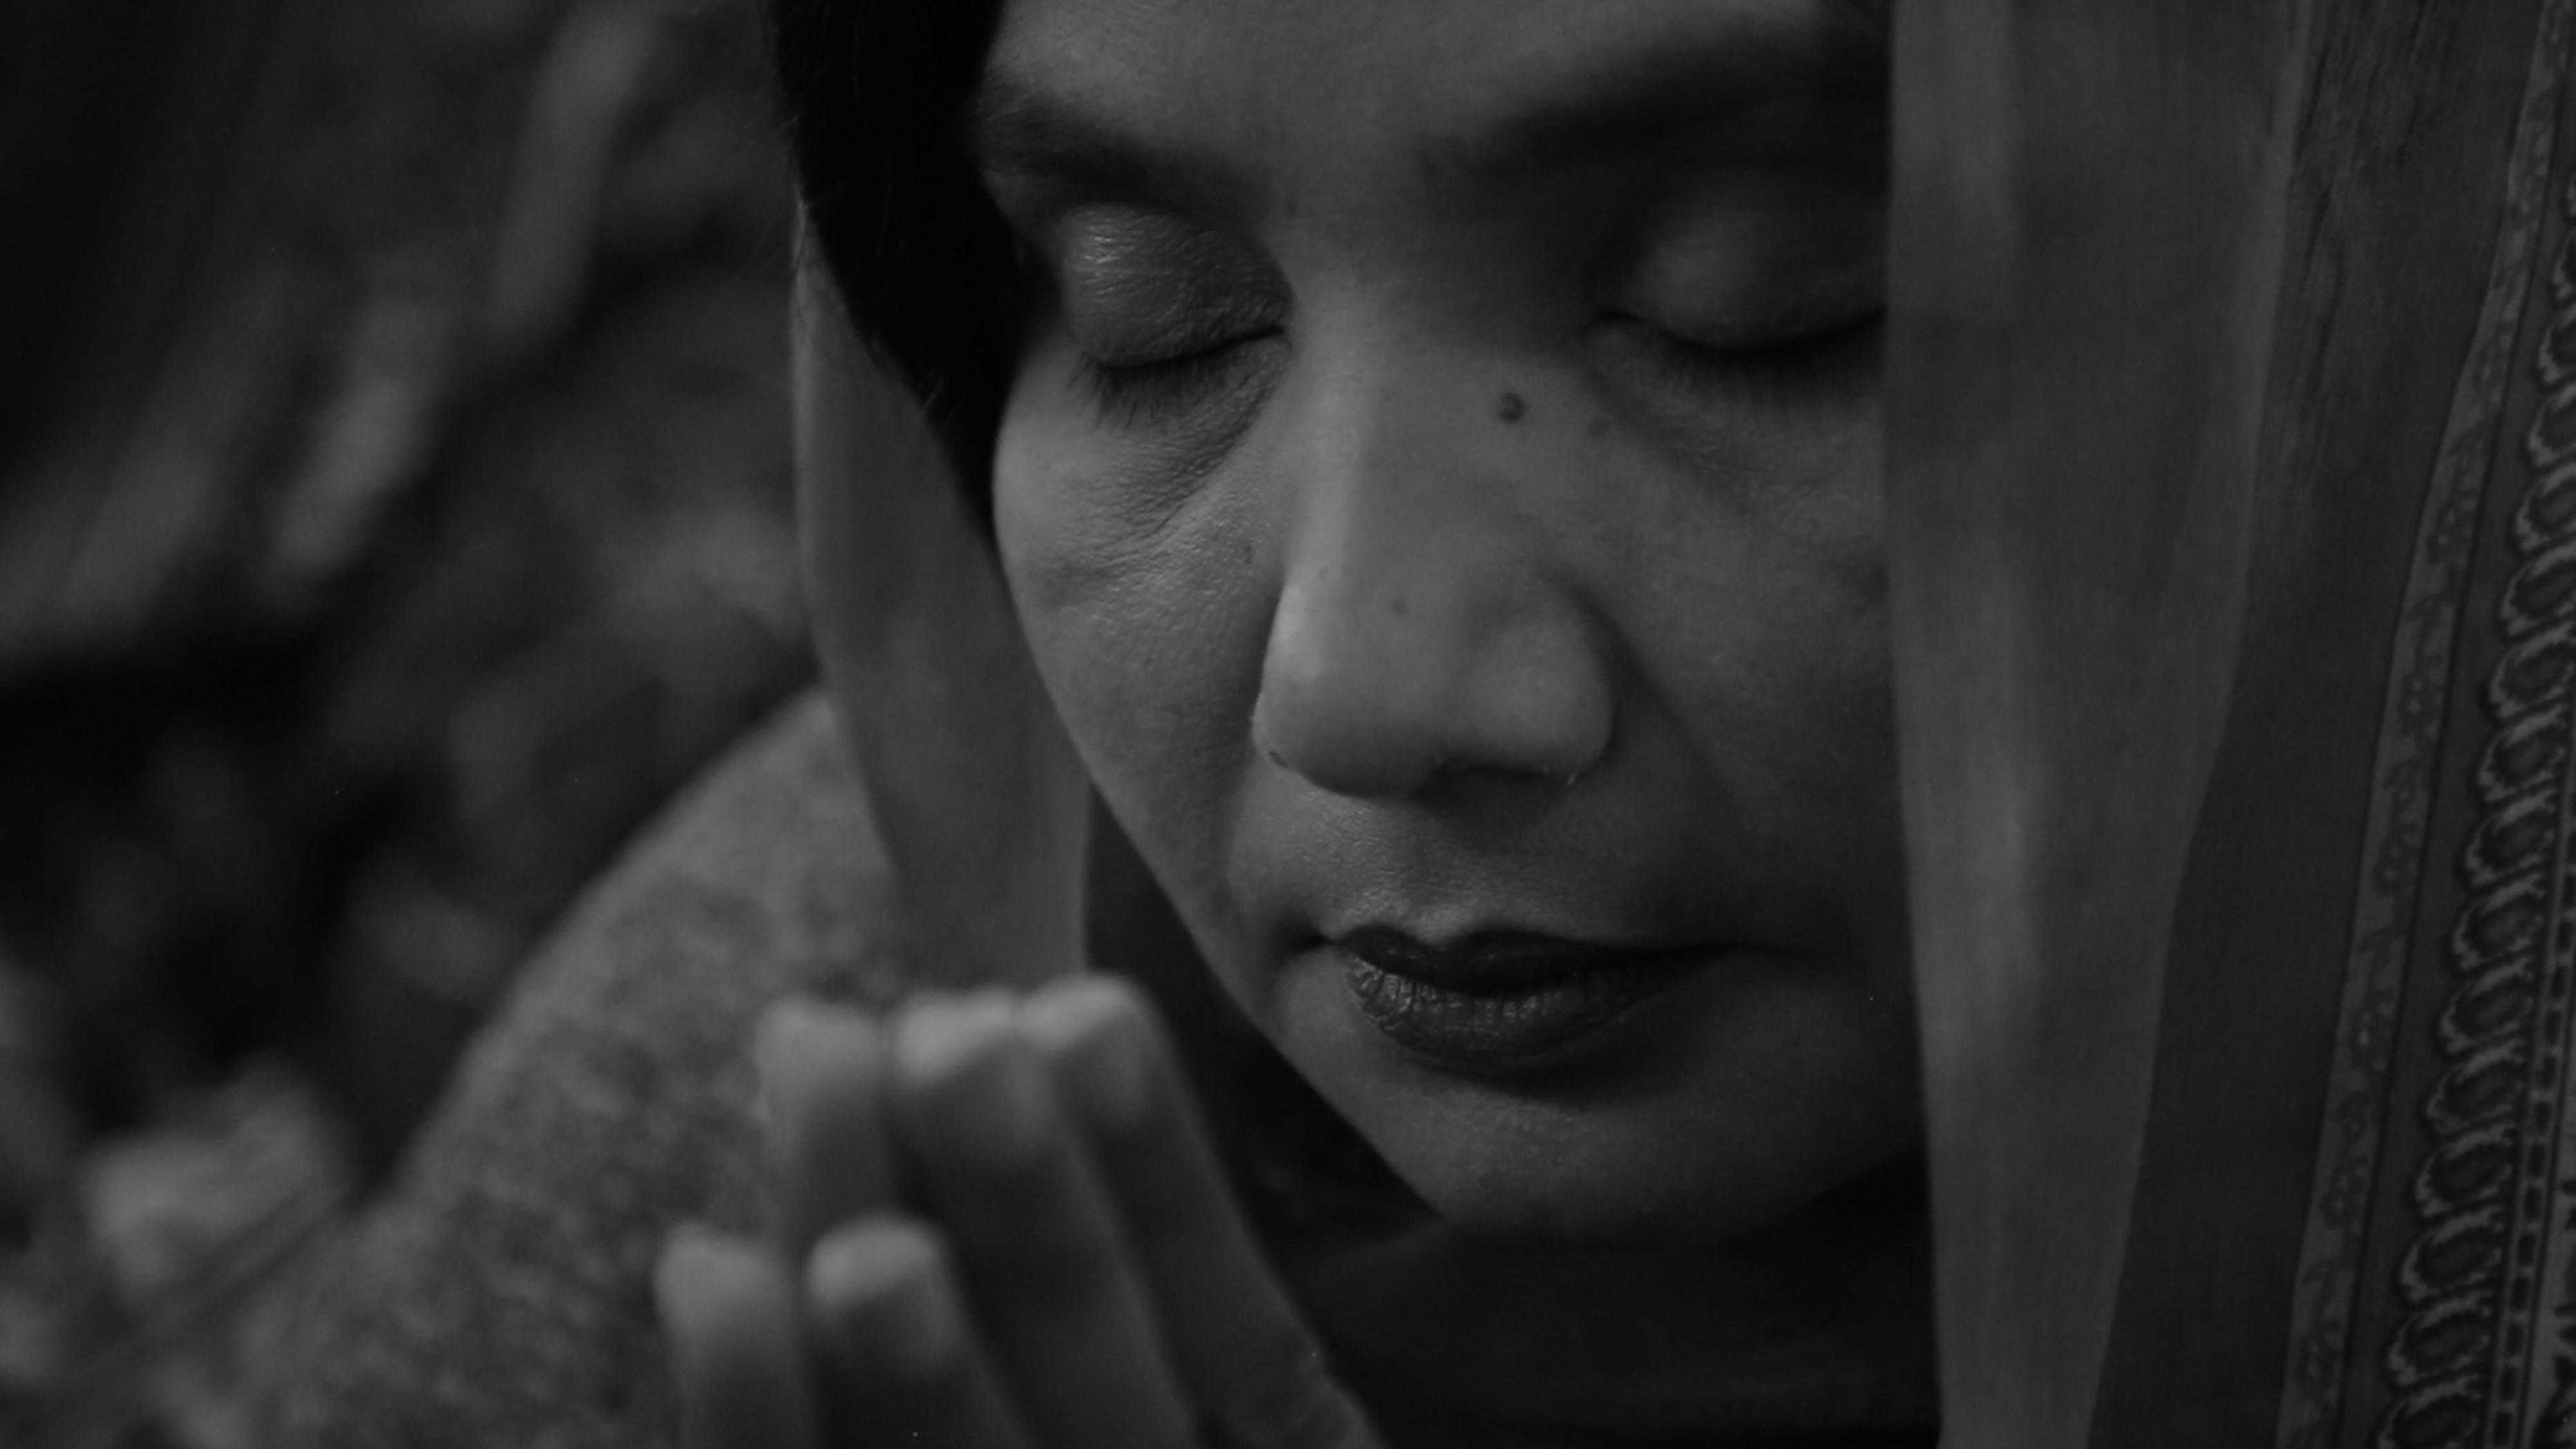 Pakistán: La Navidades van a ser unas fechas difíciles para nosotros